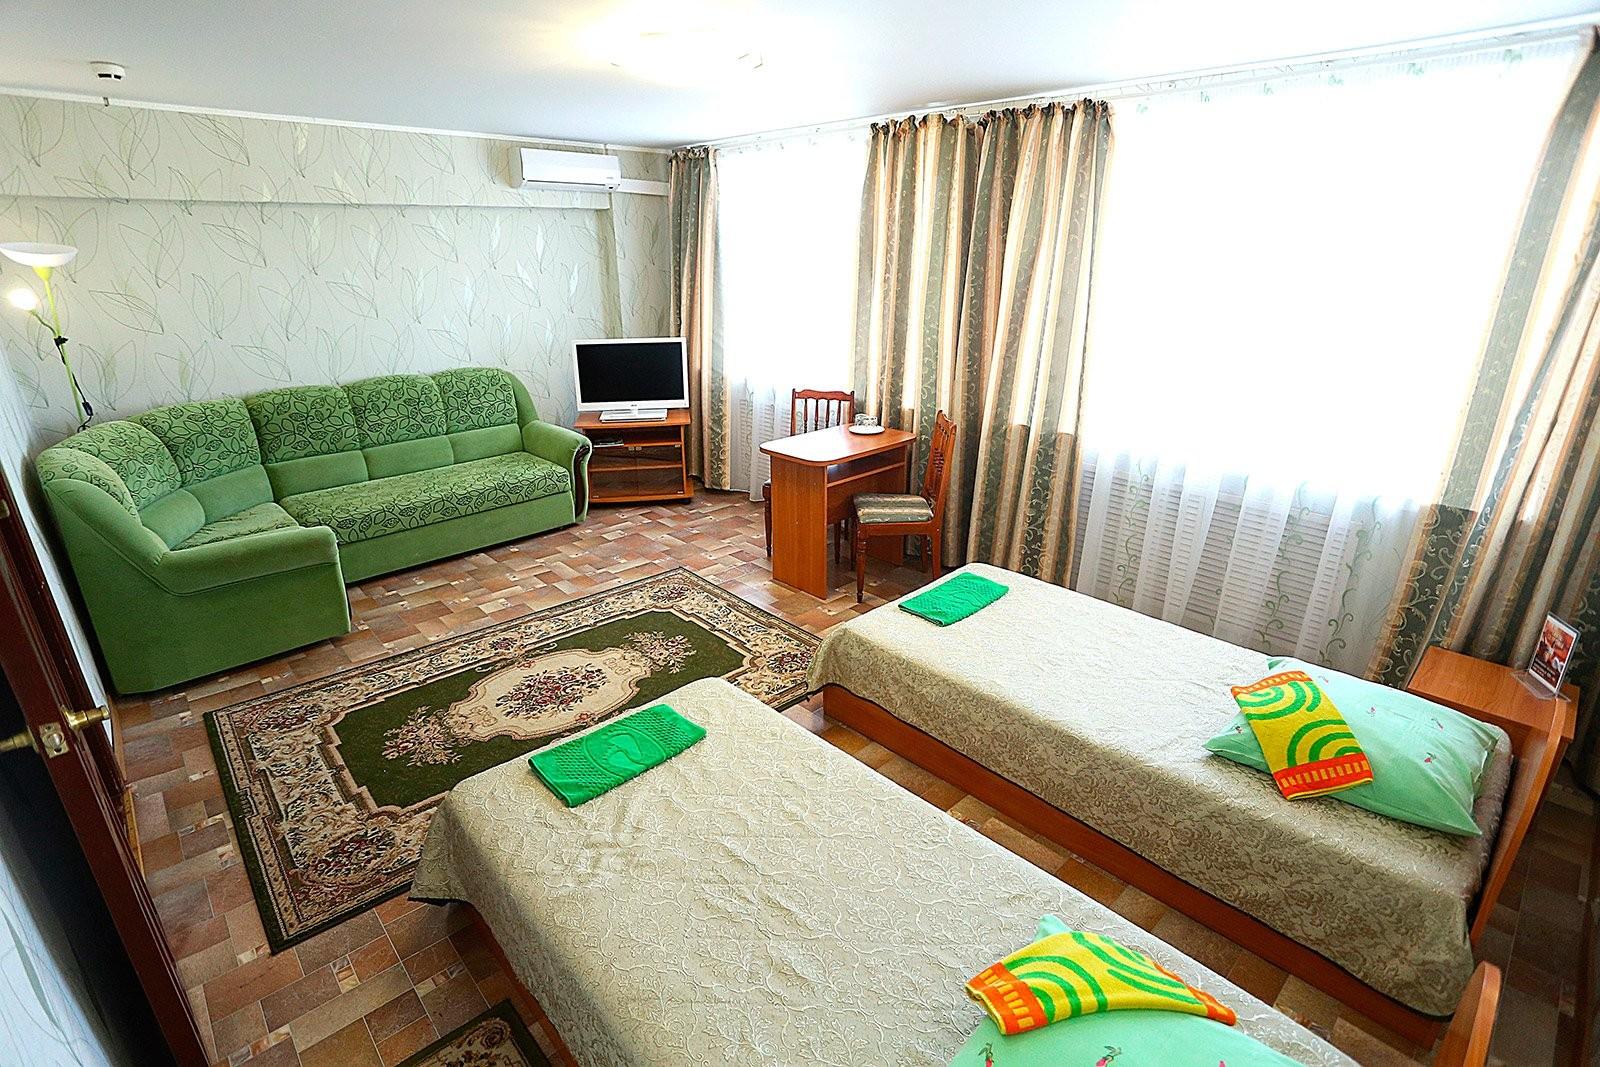 Родина, гостиница - №1